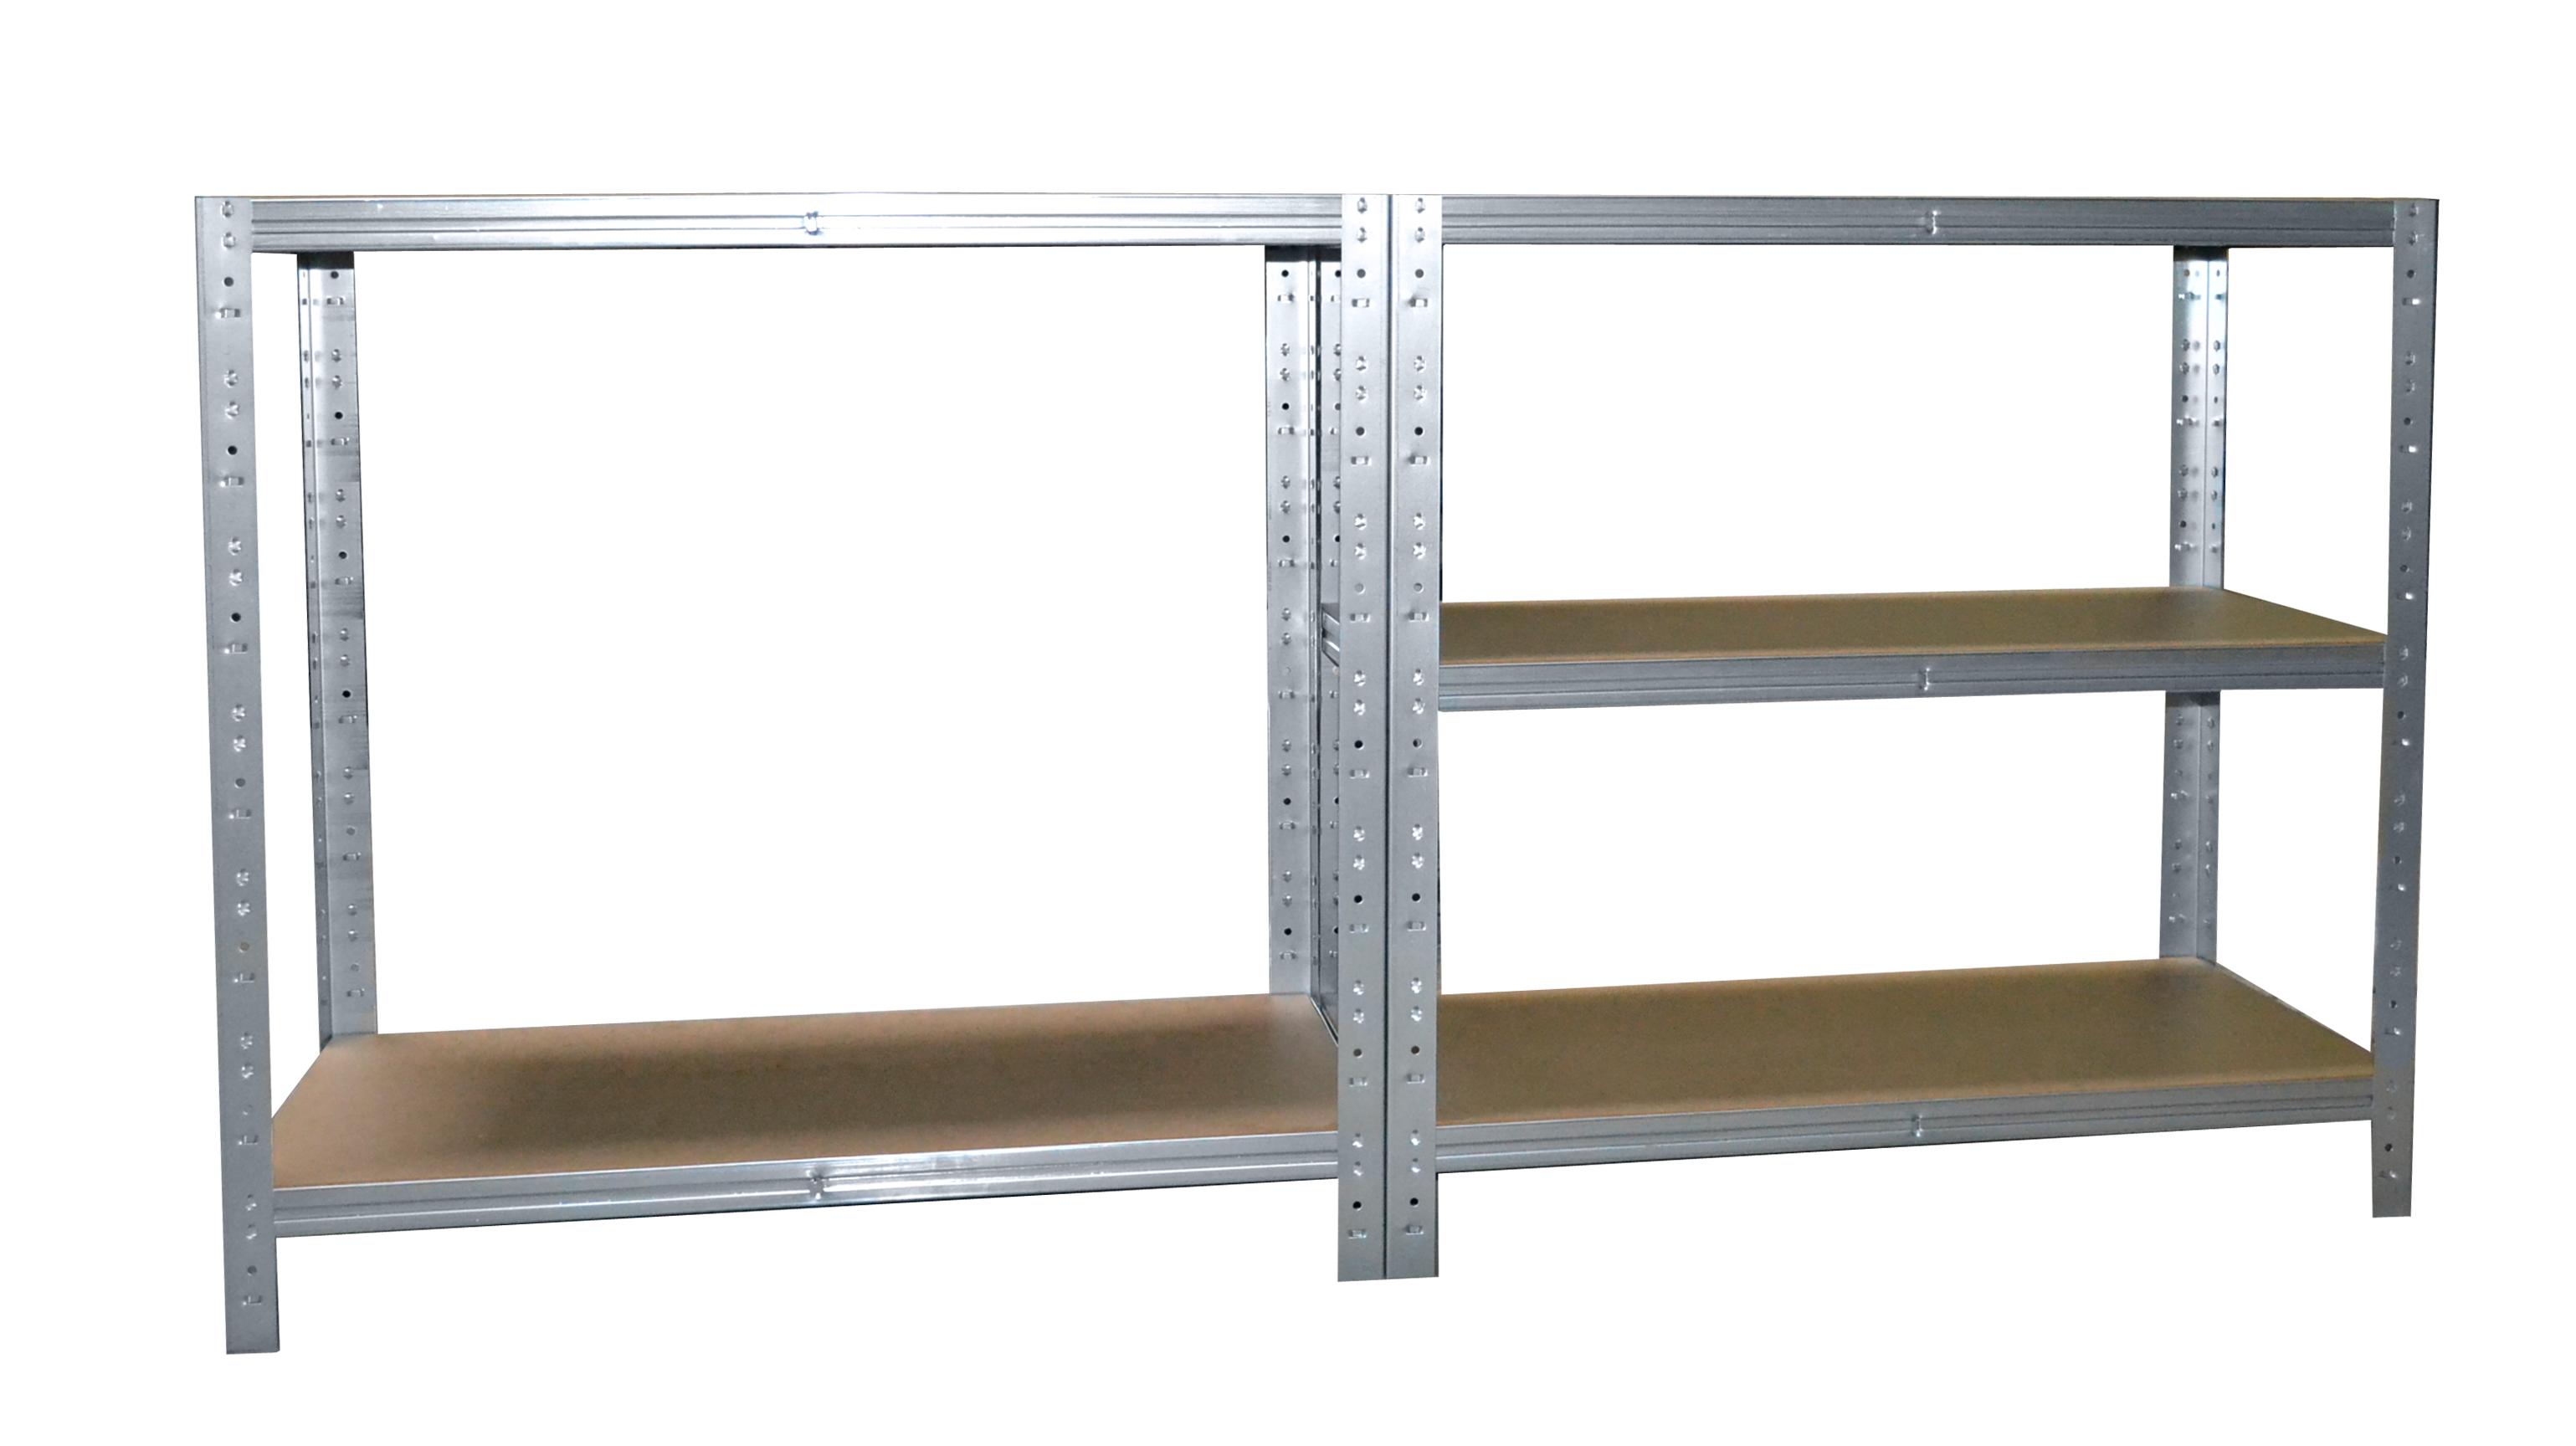 Steckregal 200x50x50 cm verzinkt Kellerregal Lagerregal Werkstattregal Metallreg